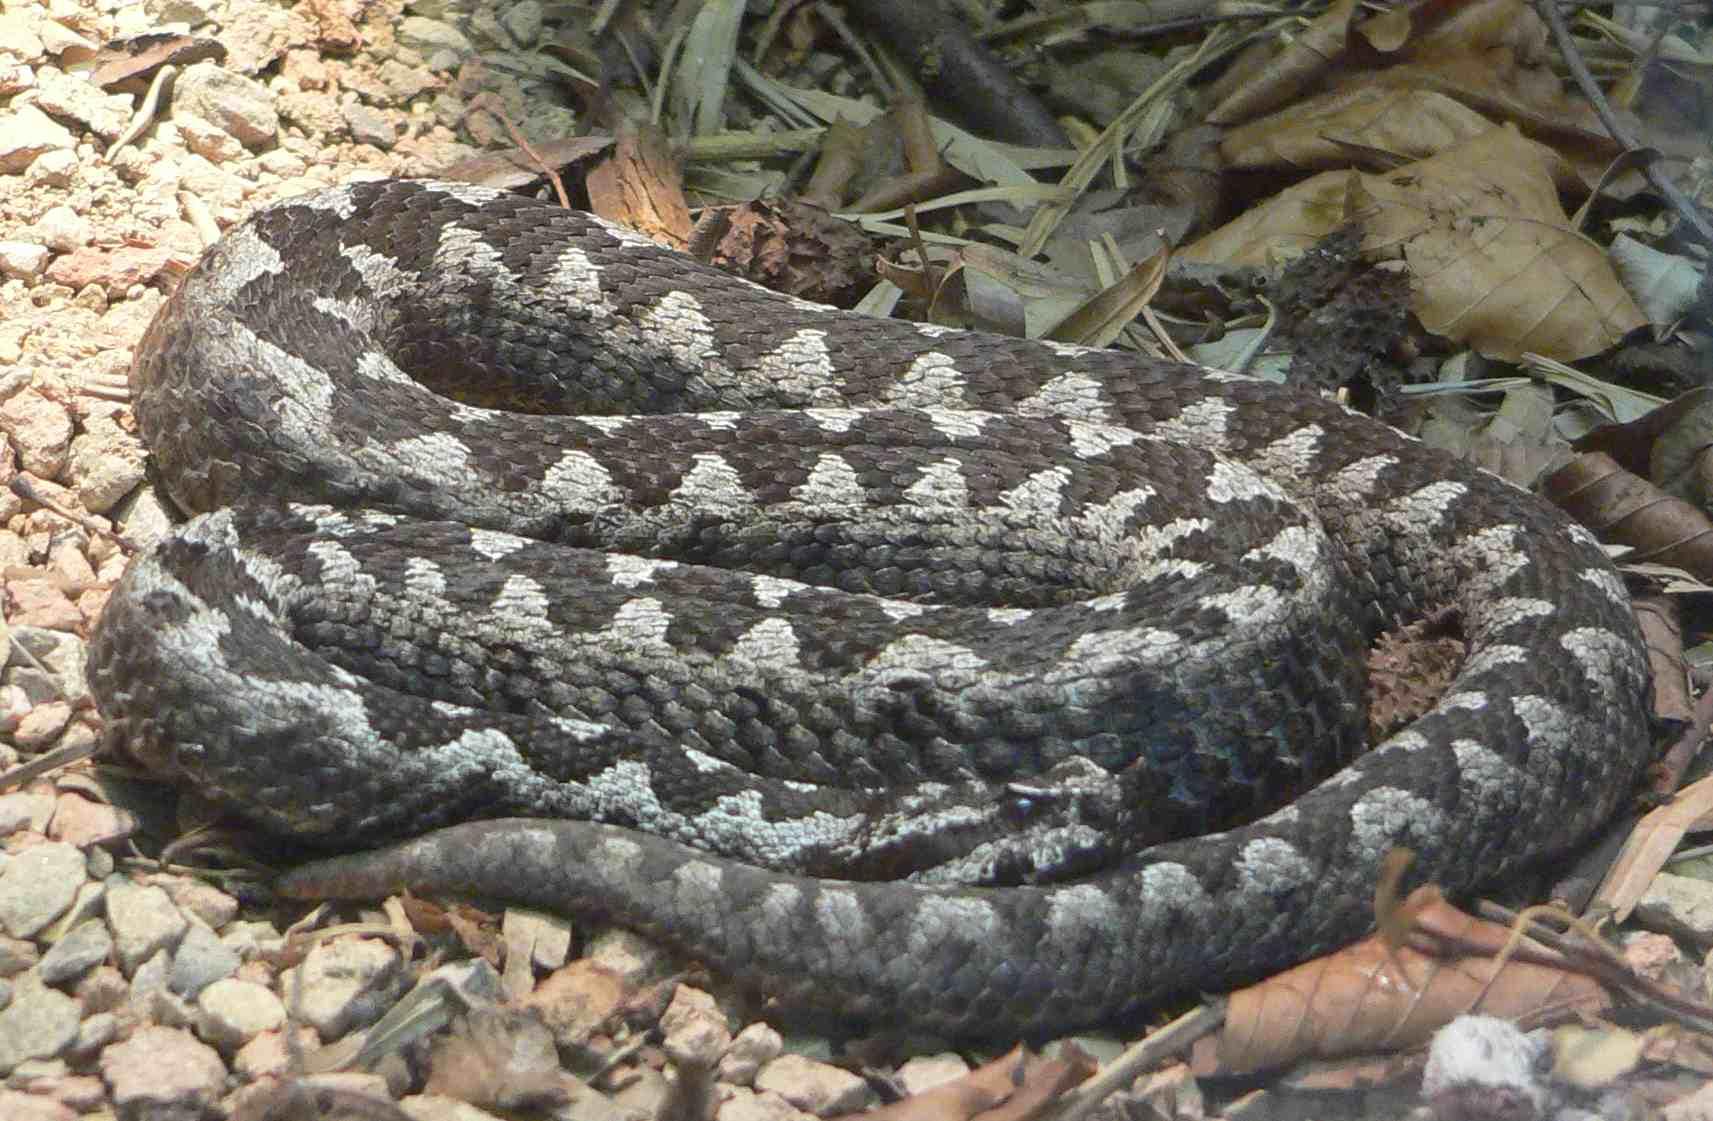 Najezda zmija u Hercegovini, nalaze ih i blizu kuća